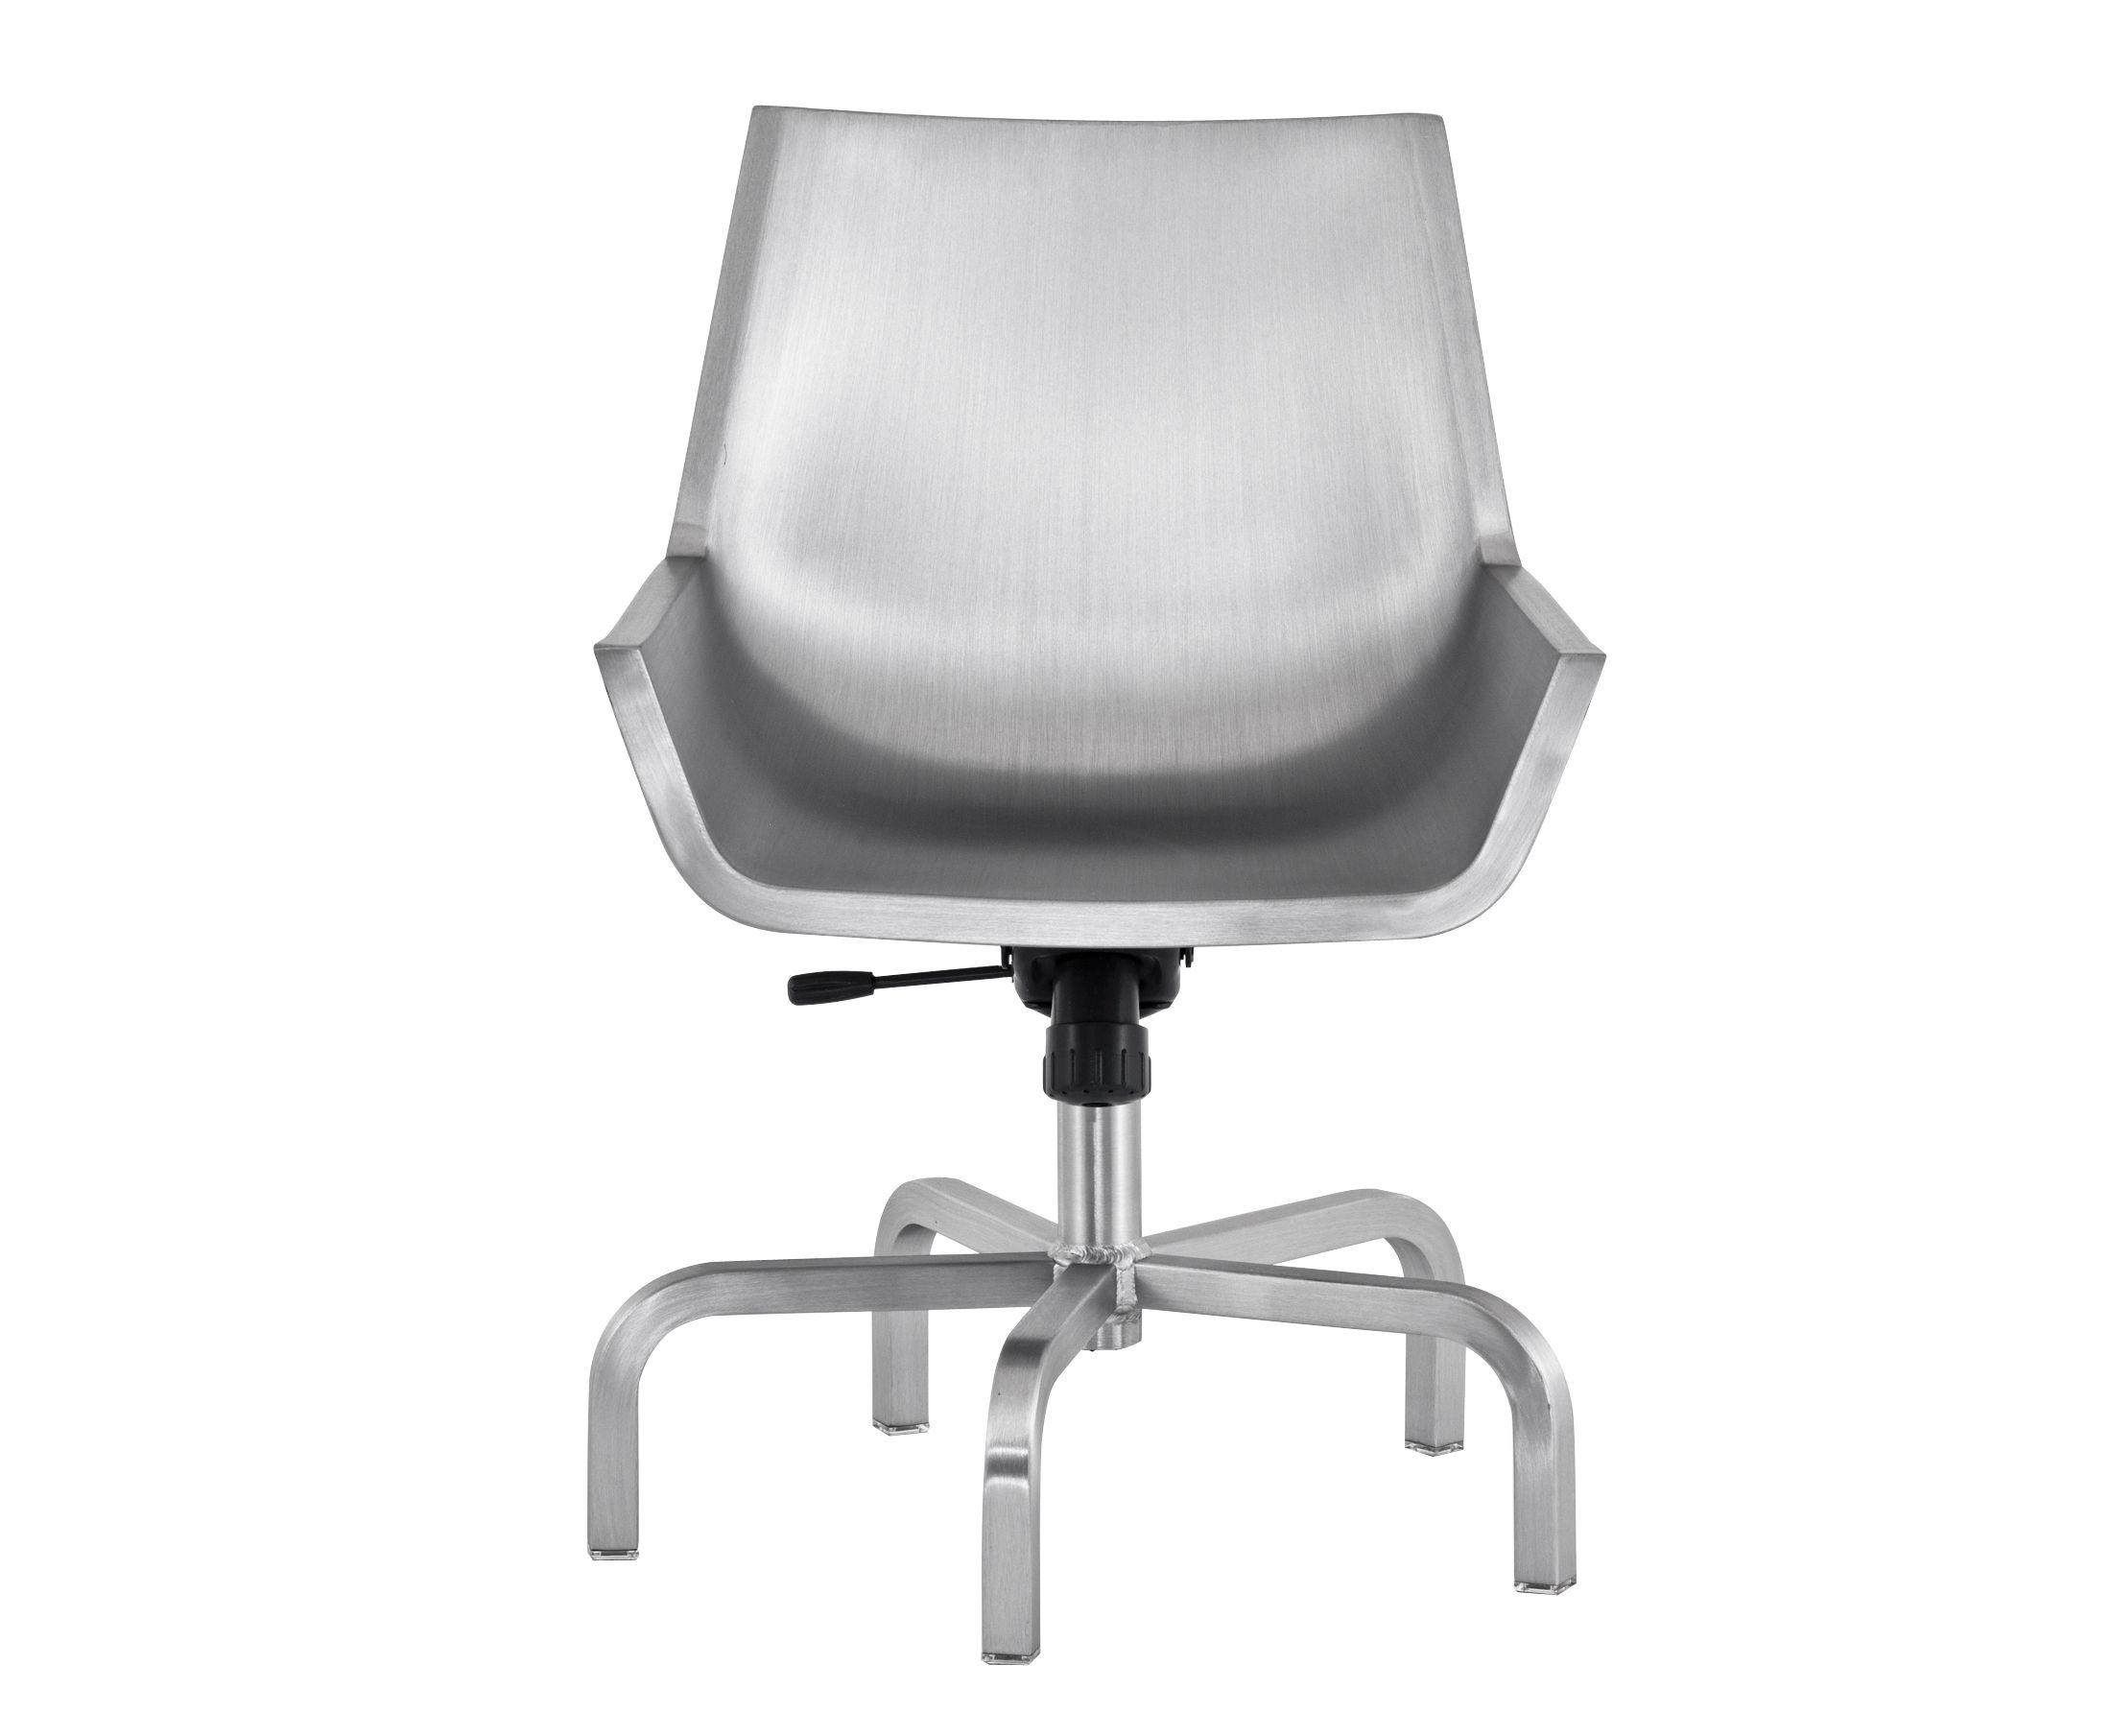 Arredamento - Sedie ufficio - Poltrona girevole Sezz di Emeco - Alluminio spazzolato - Alluminio riciclato con finitura spazzolata